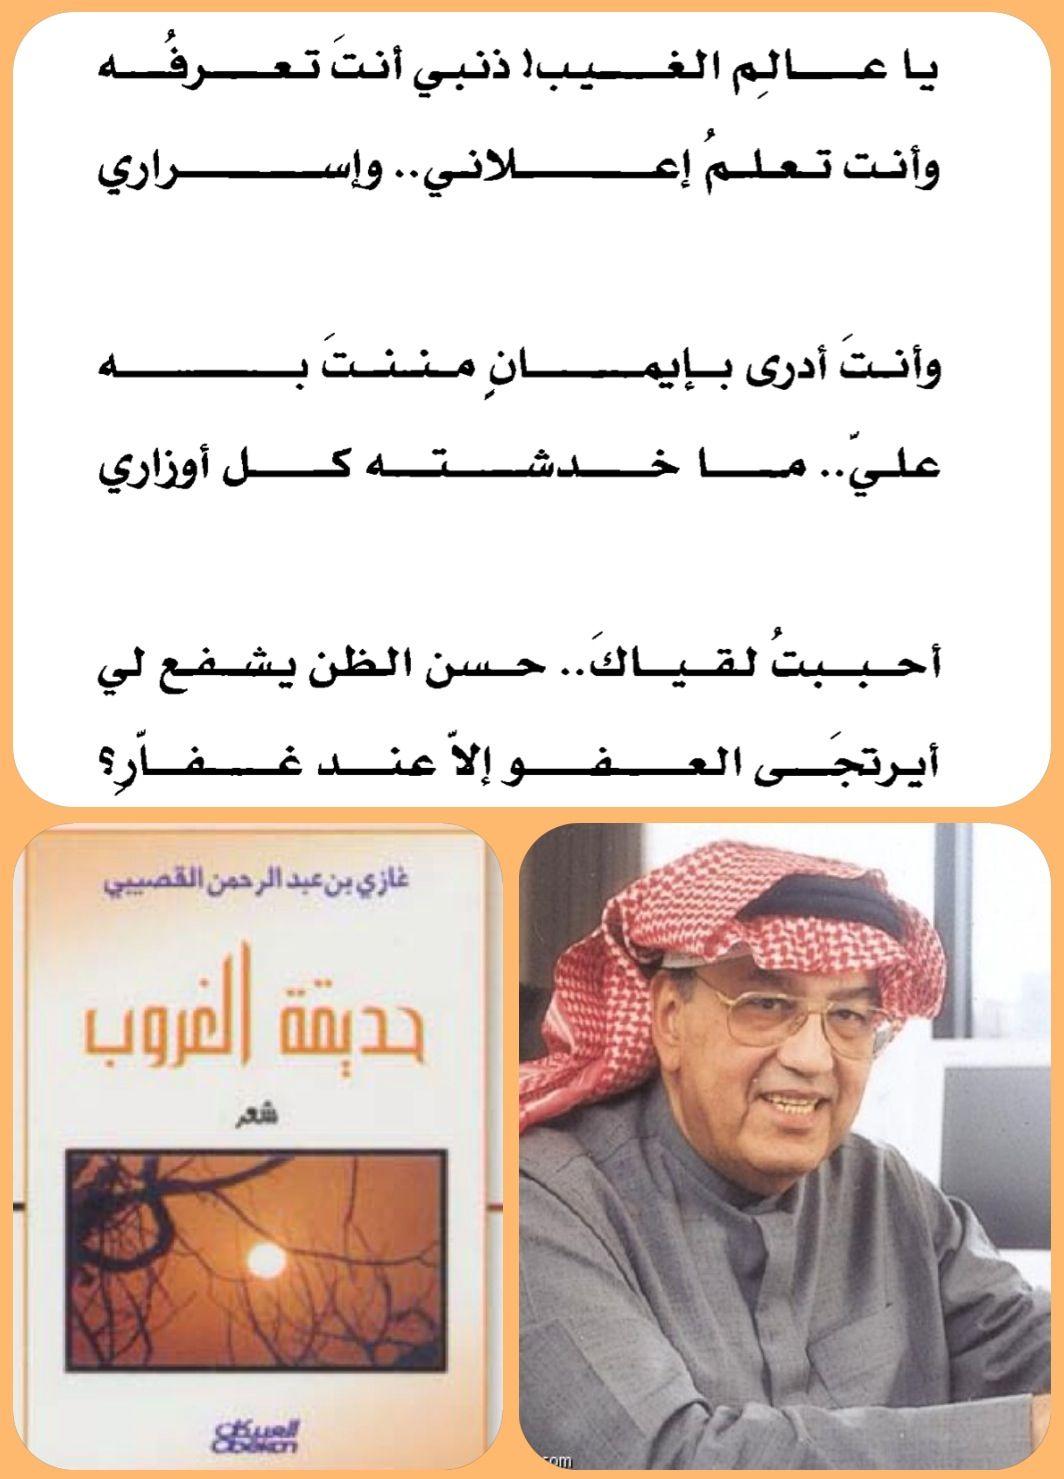 غازي القصيبي Words Quotes Islamic Phrases Words